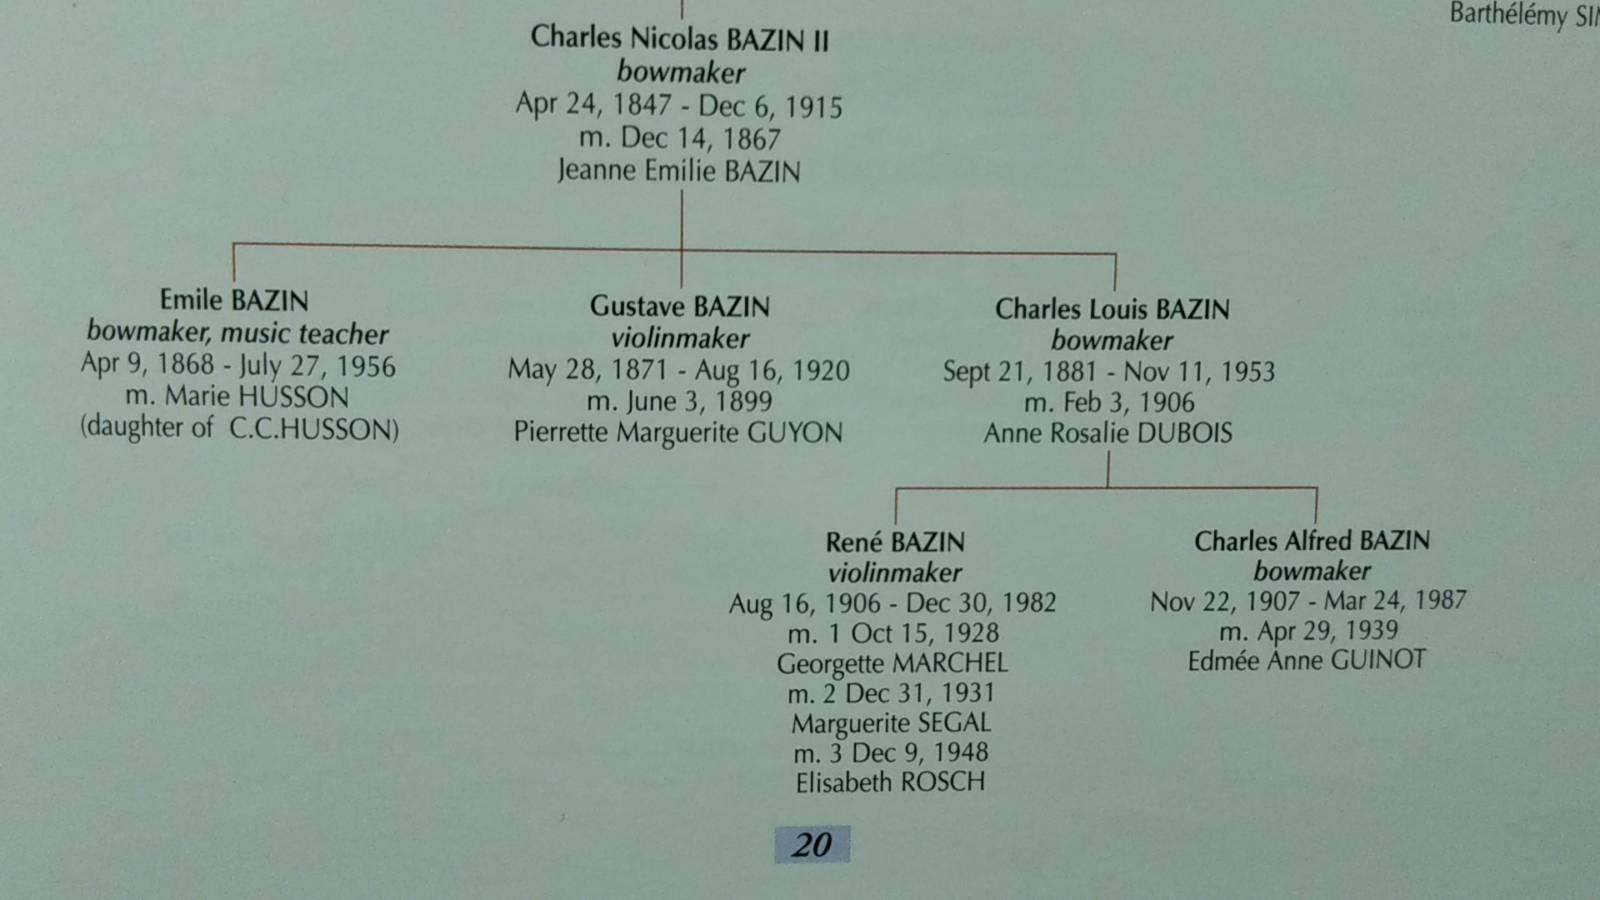 Gustave Bazin violin